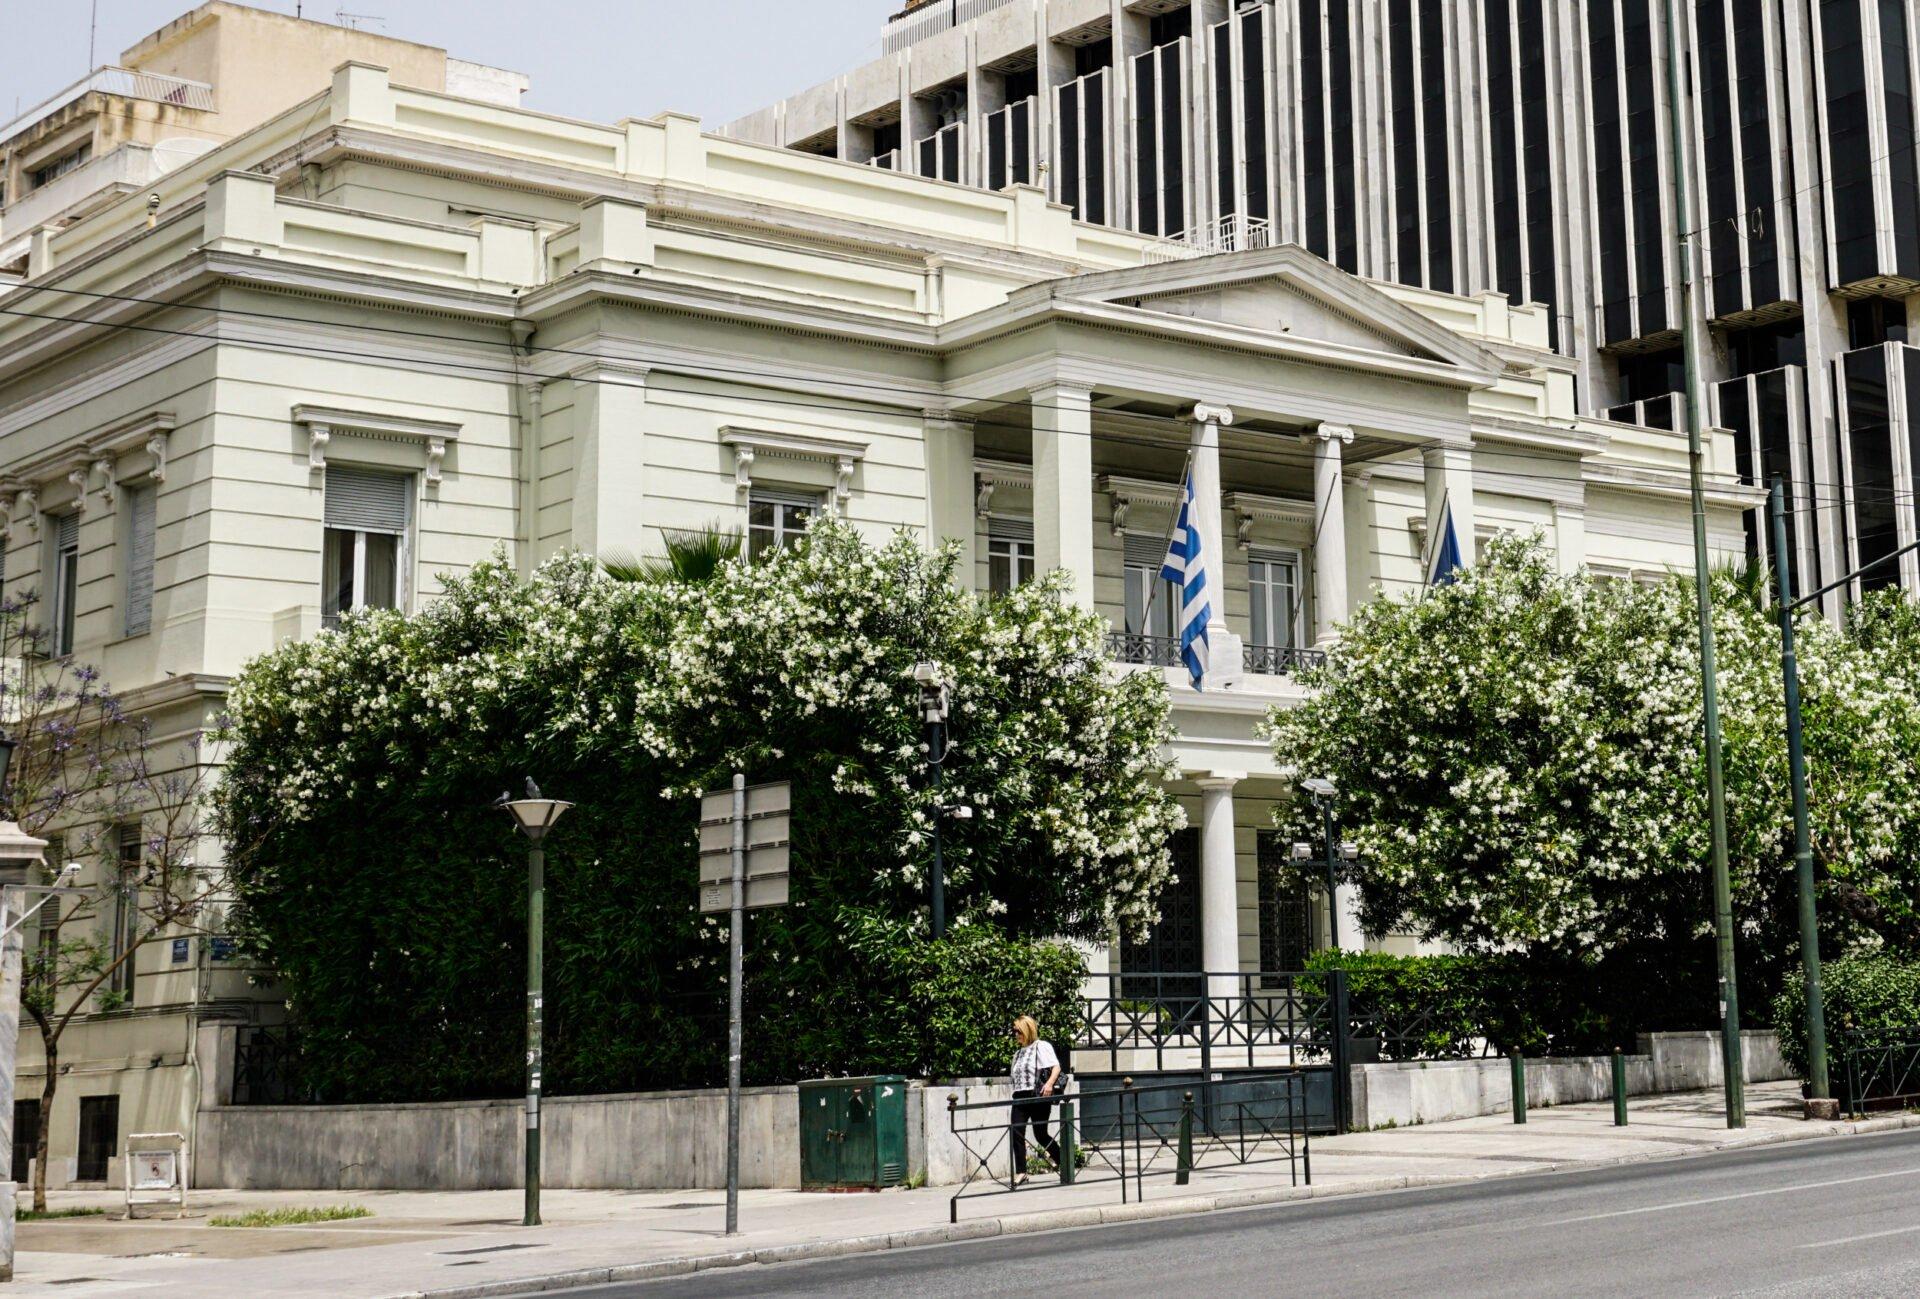 Η Ελλάδα θέτει σε ισχύ τα 12 ΝΜ απο σήμερα στο Ιόνιο και μέχρι το ακρωτήριο Ταίναρο